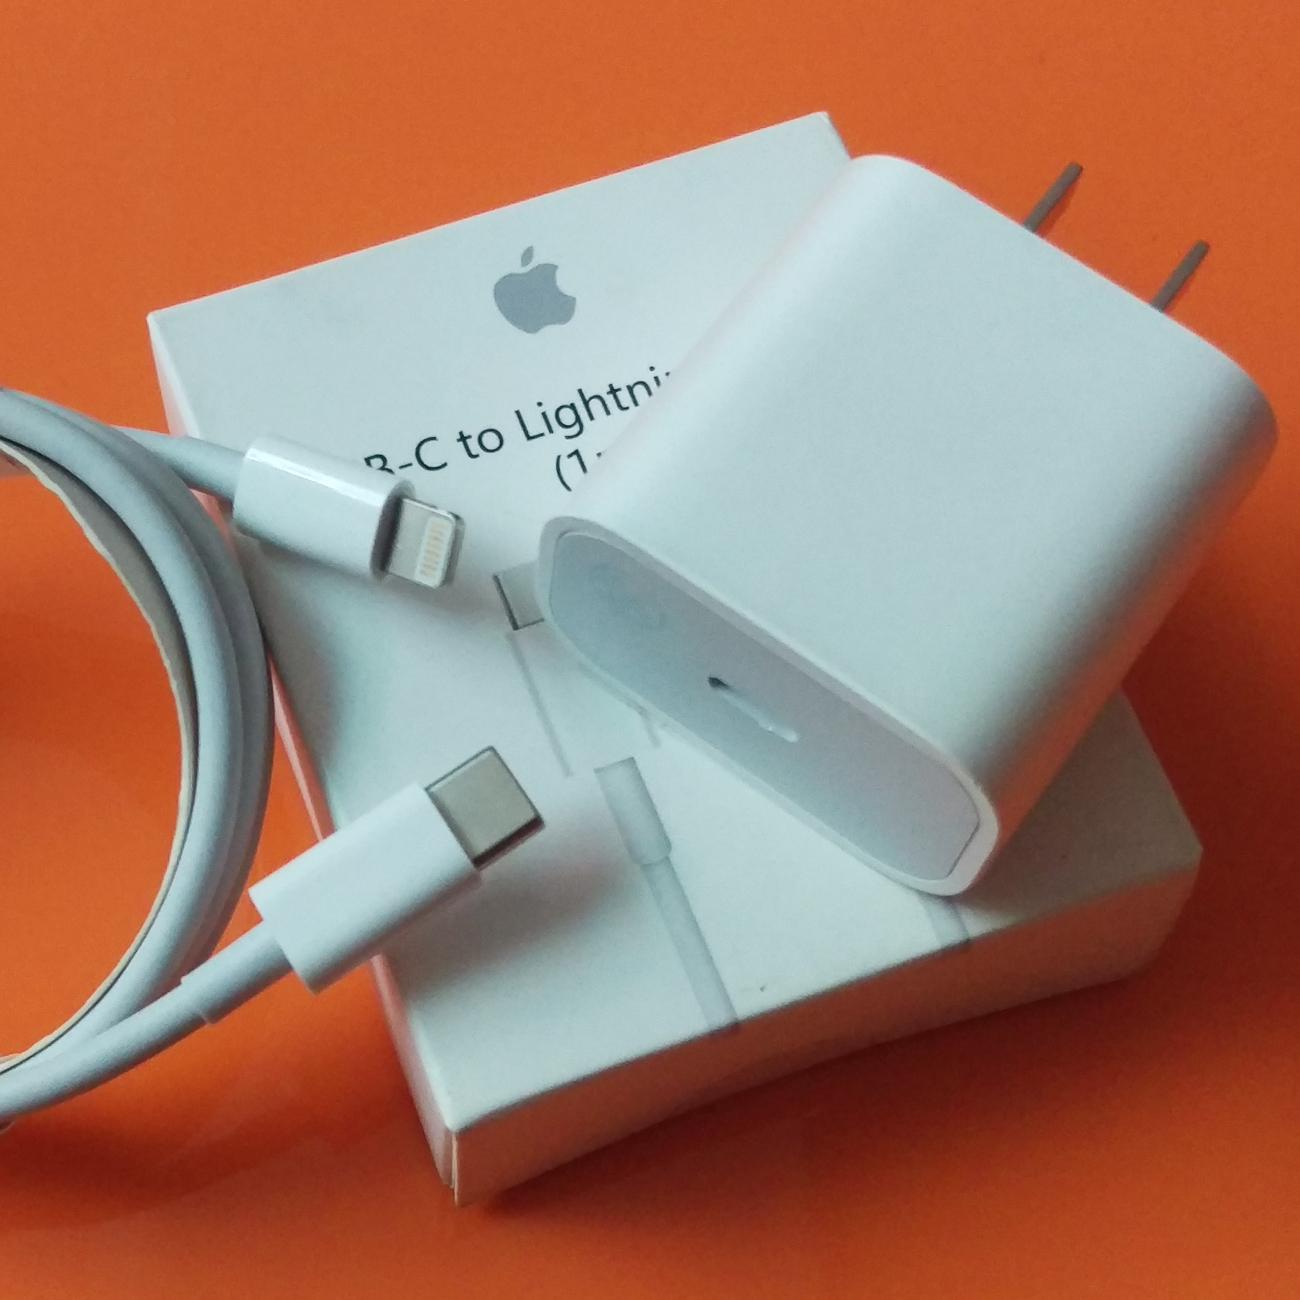 Bộ sạc nhanh 20W dùng cho Pro Max, iPhone 11, iPhone XS Max, iPhone XS, iPhone X, iPhone 8 Plus,...